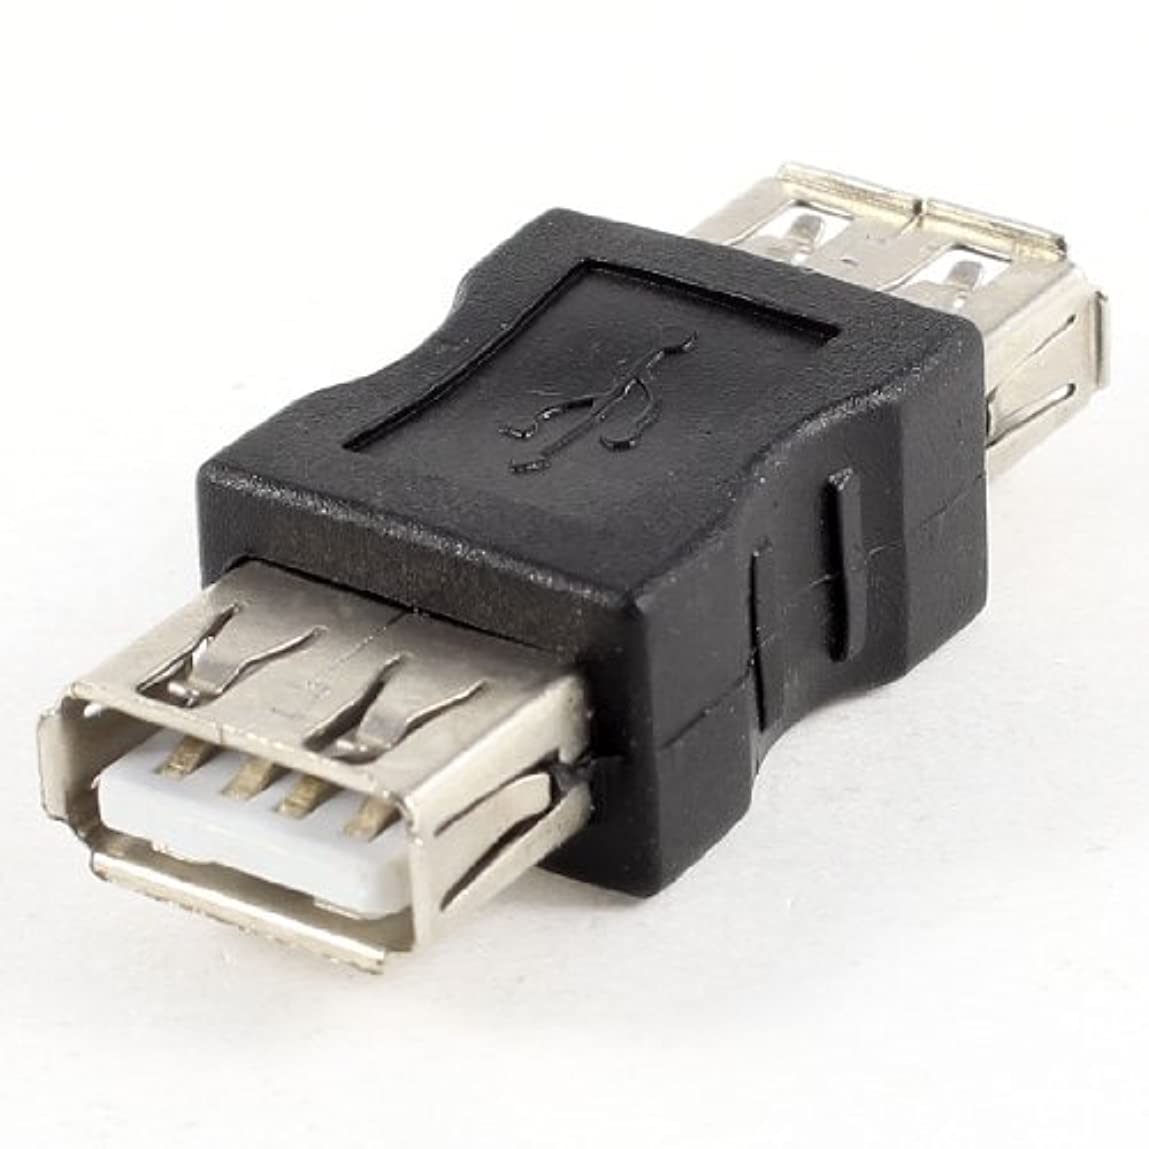 音節目覚めるメロドラマDealMux USB 2.0?Tipo A FêMEA paraメスF / FコネクタアダプタPreto